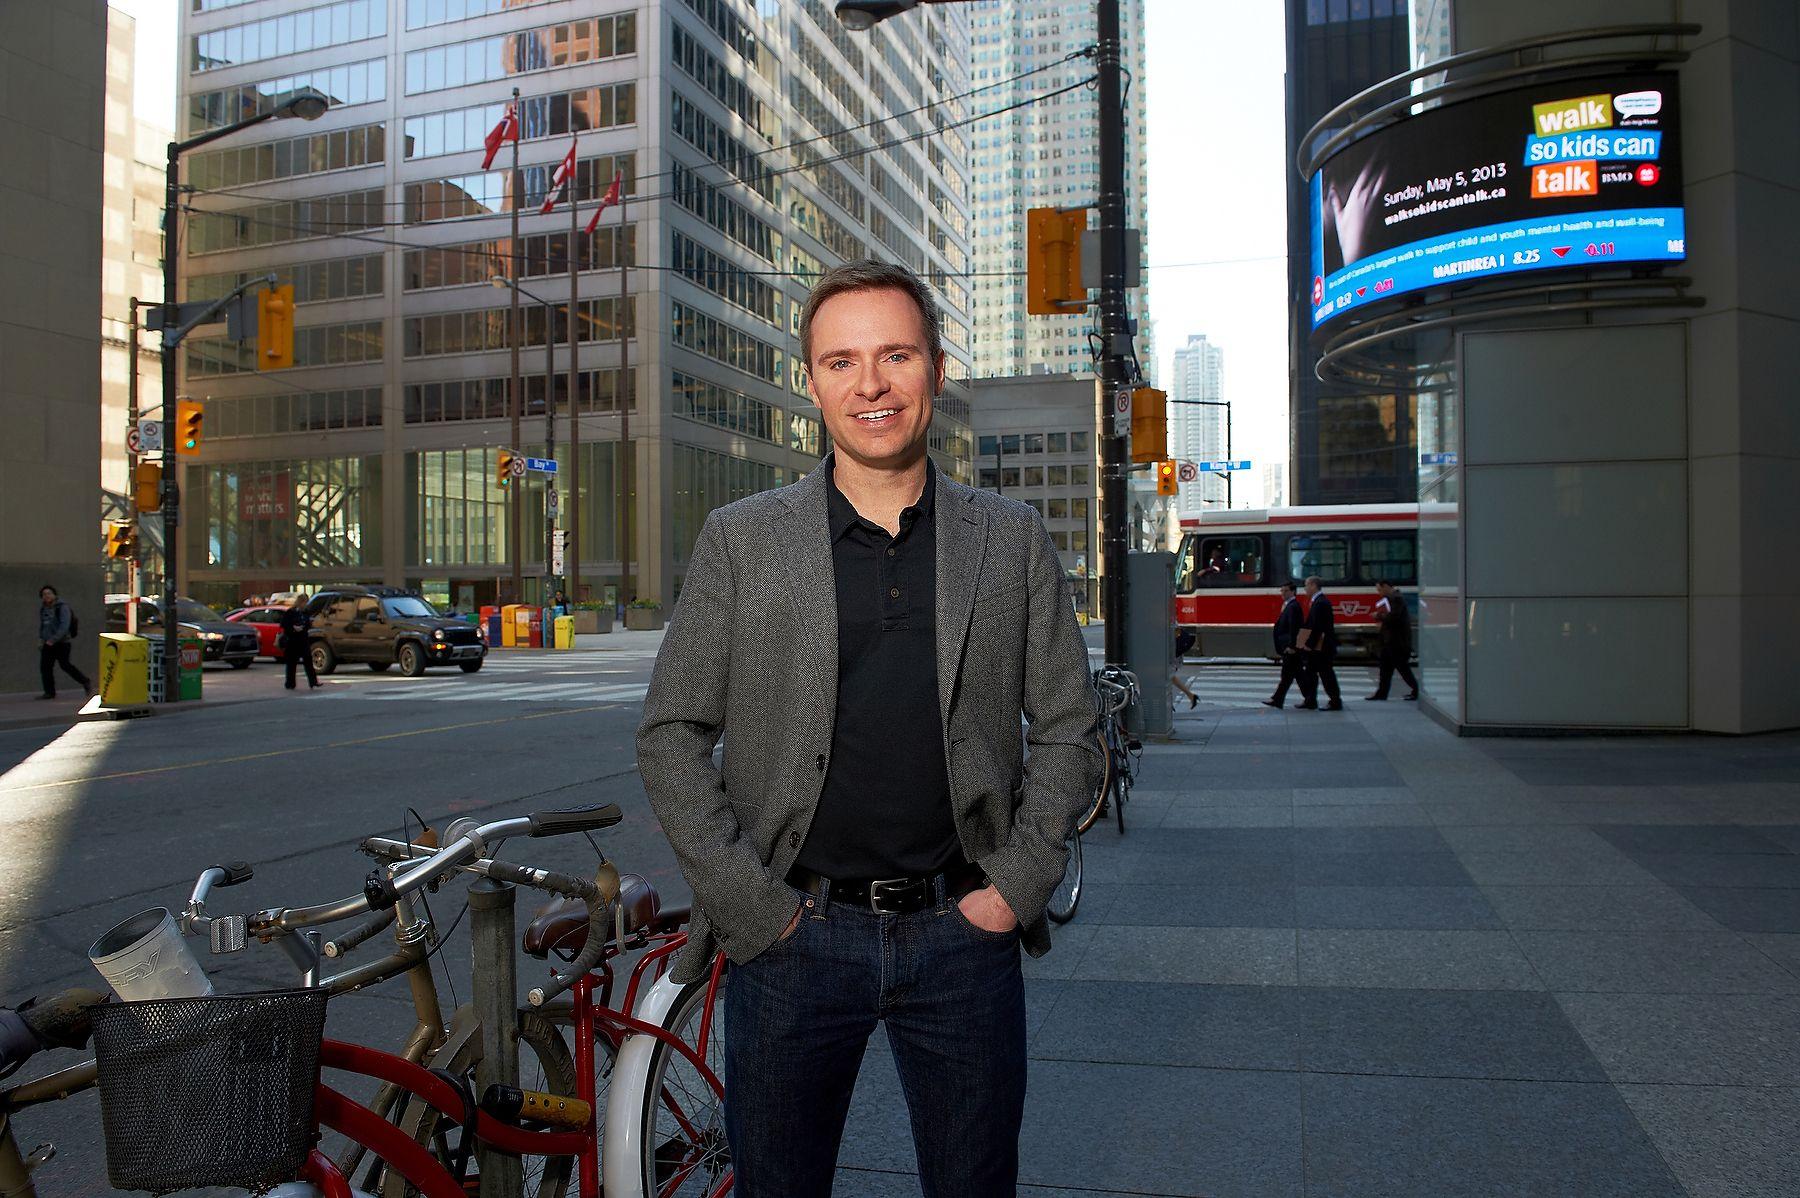 U of  T Scott Scheiman, location portrait